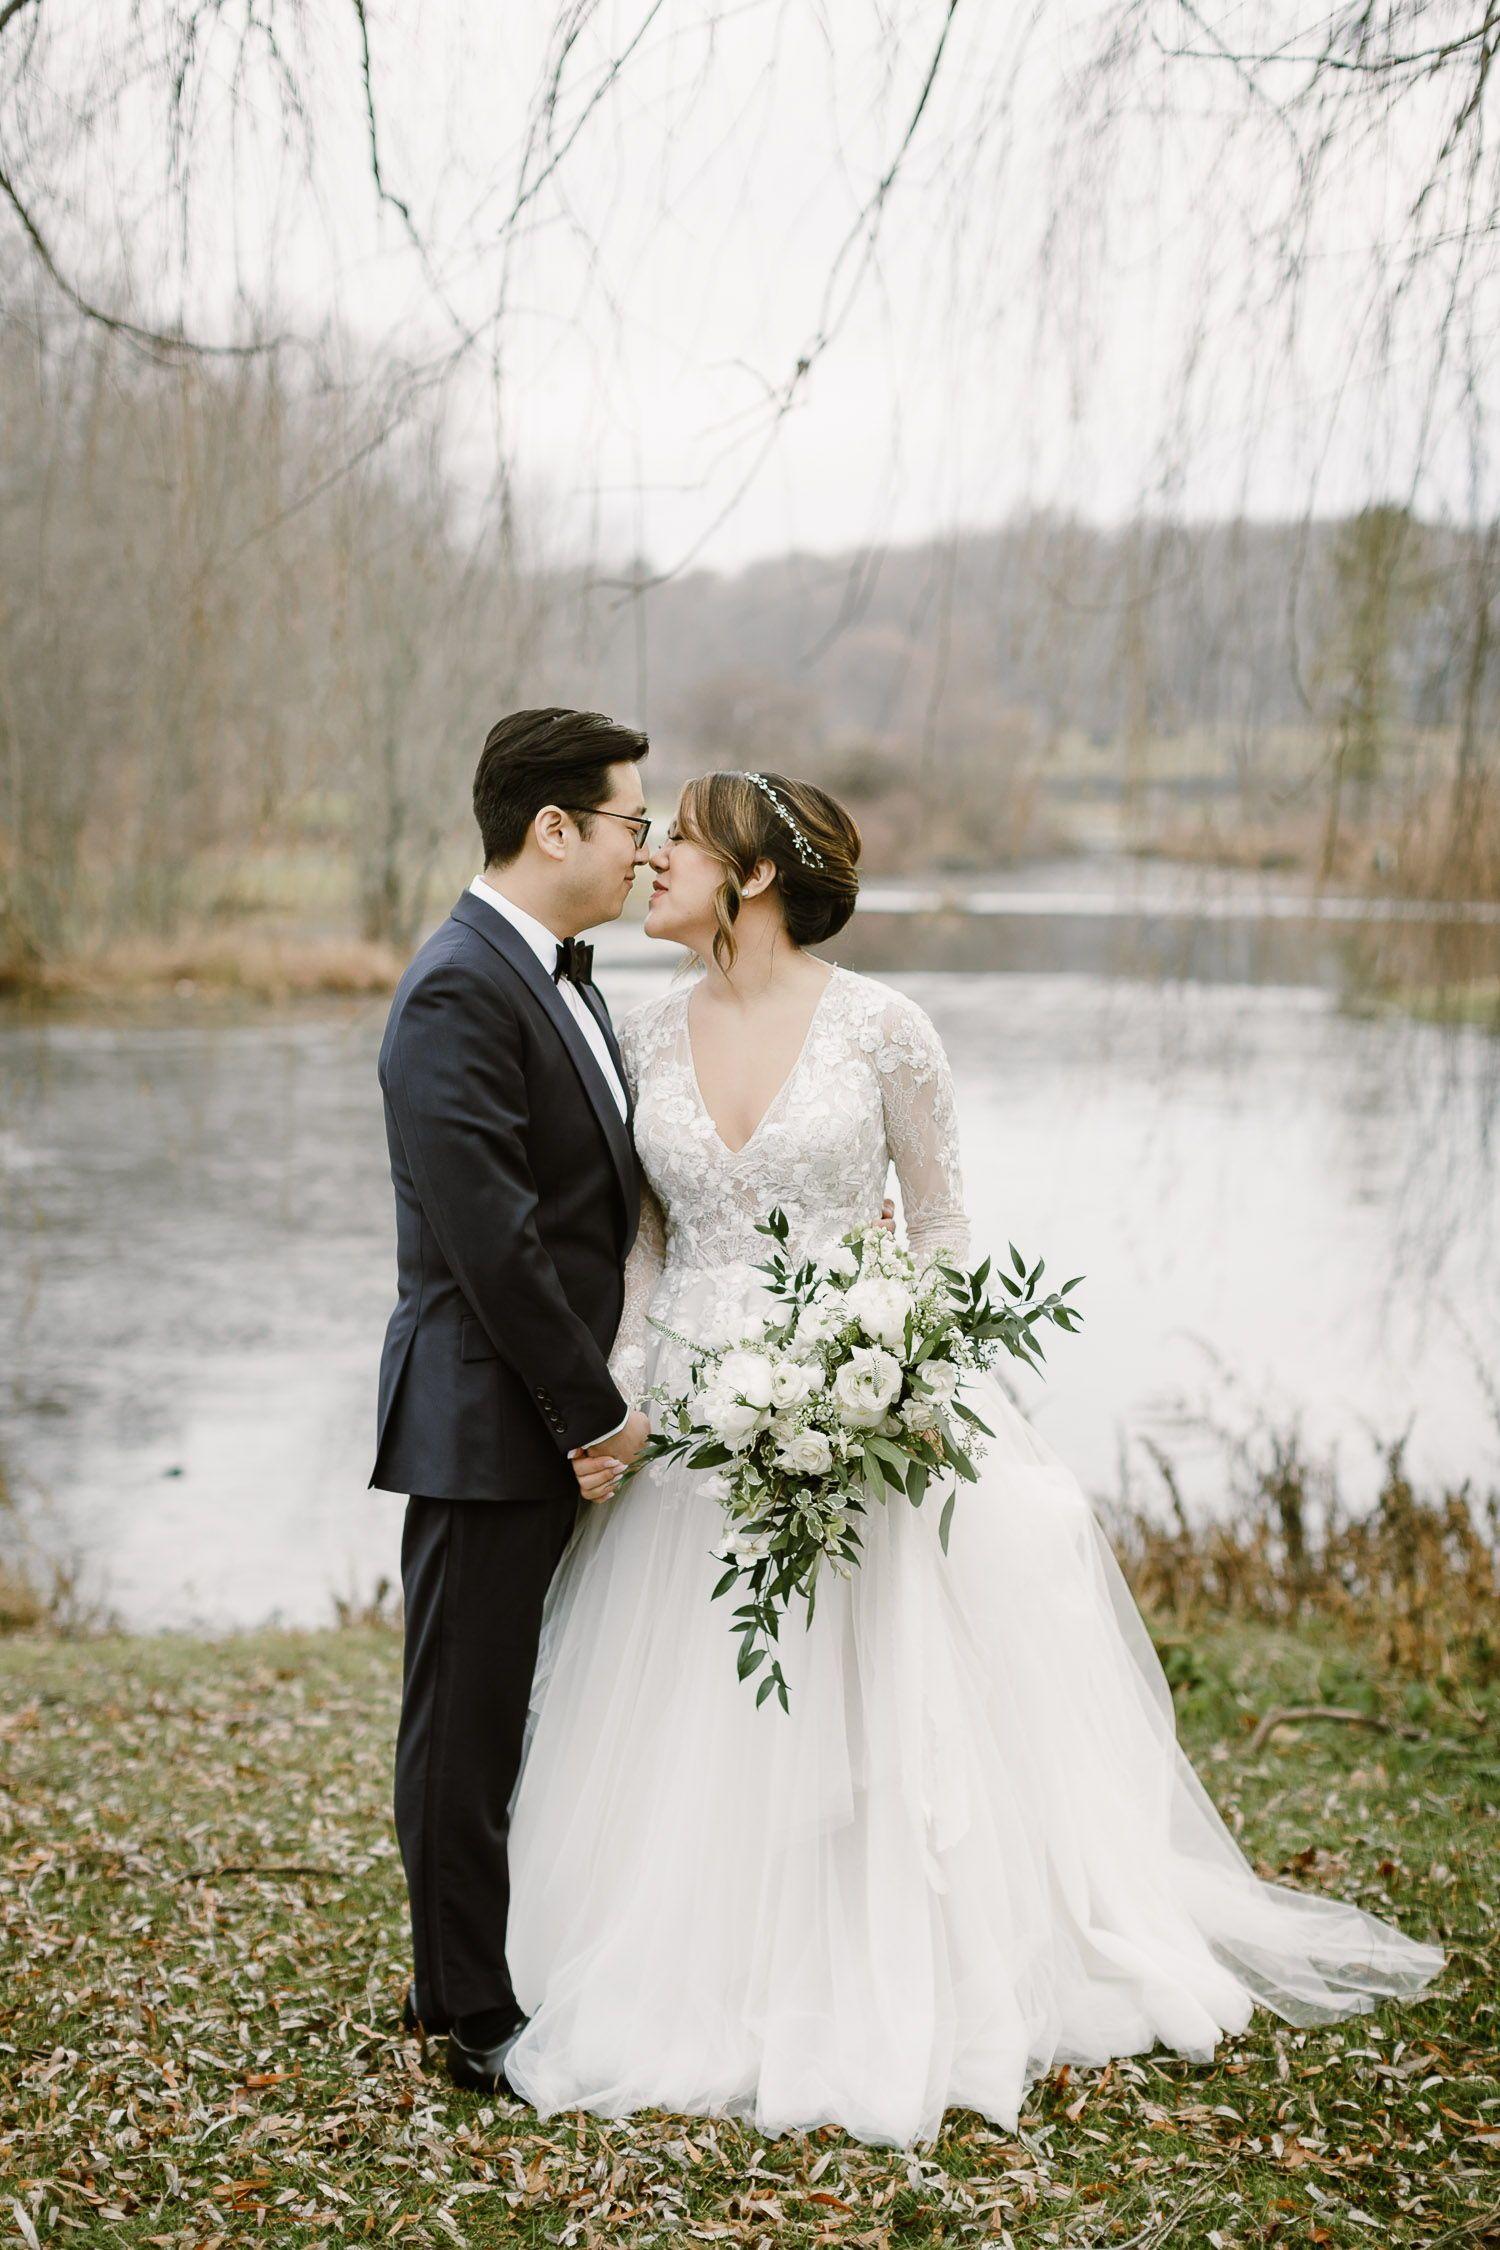 The Garrison Wedding Hudson Valley Wedding Photographer In 2020 Hudson Valley Wedding Hudson Valley Wedding Photographer Winter Wedding Photos